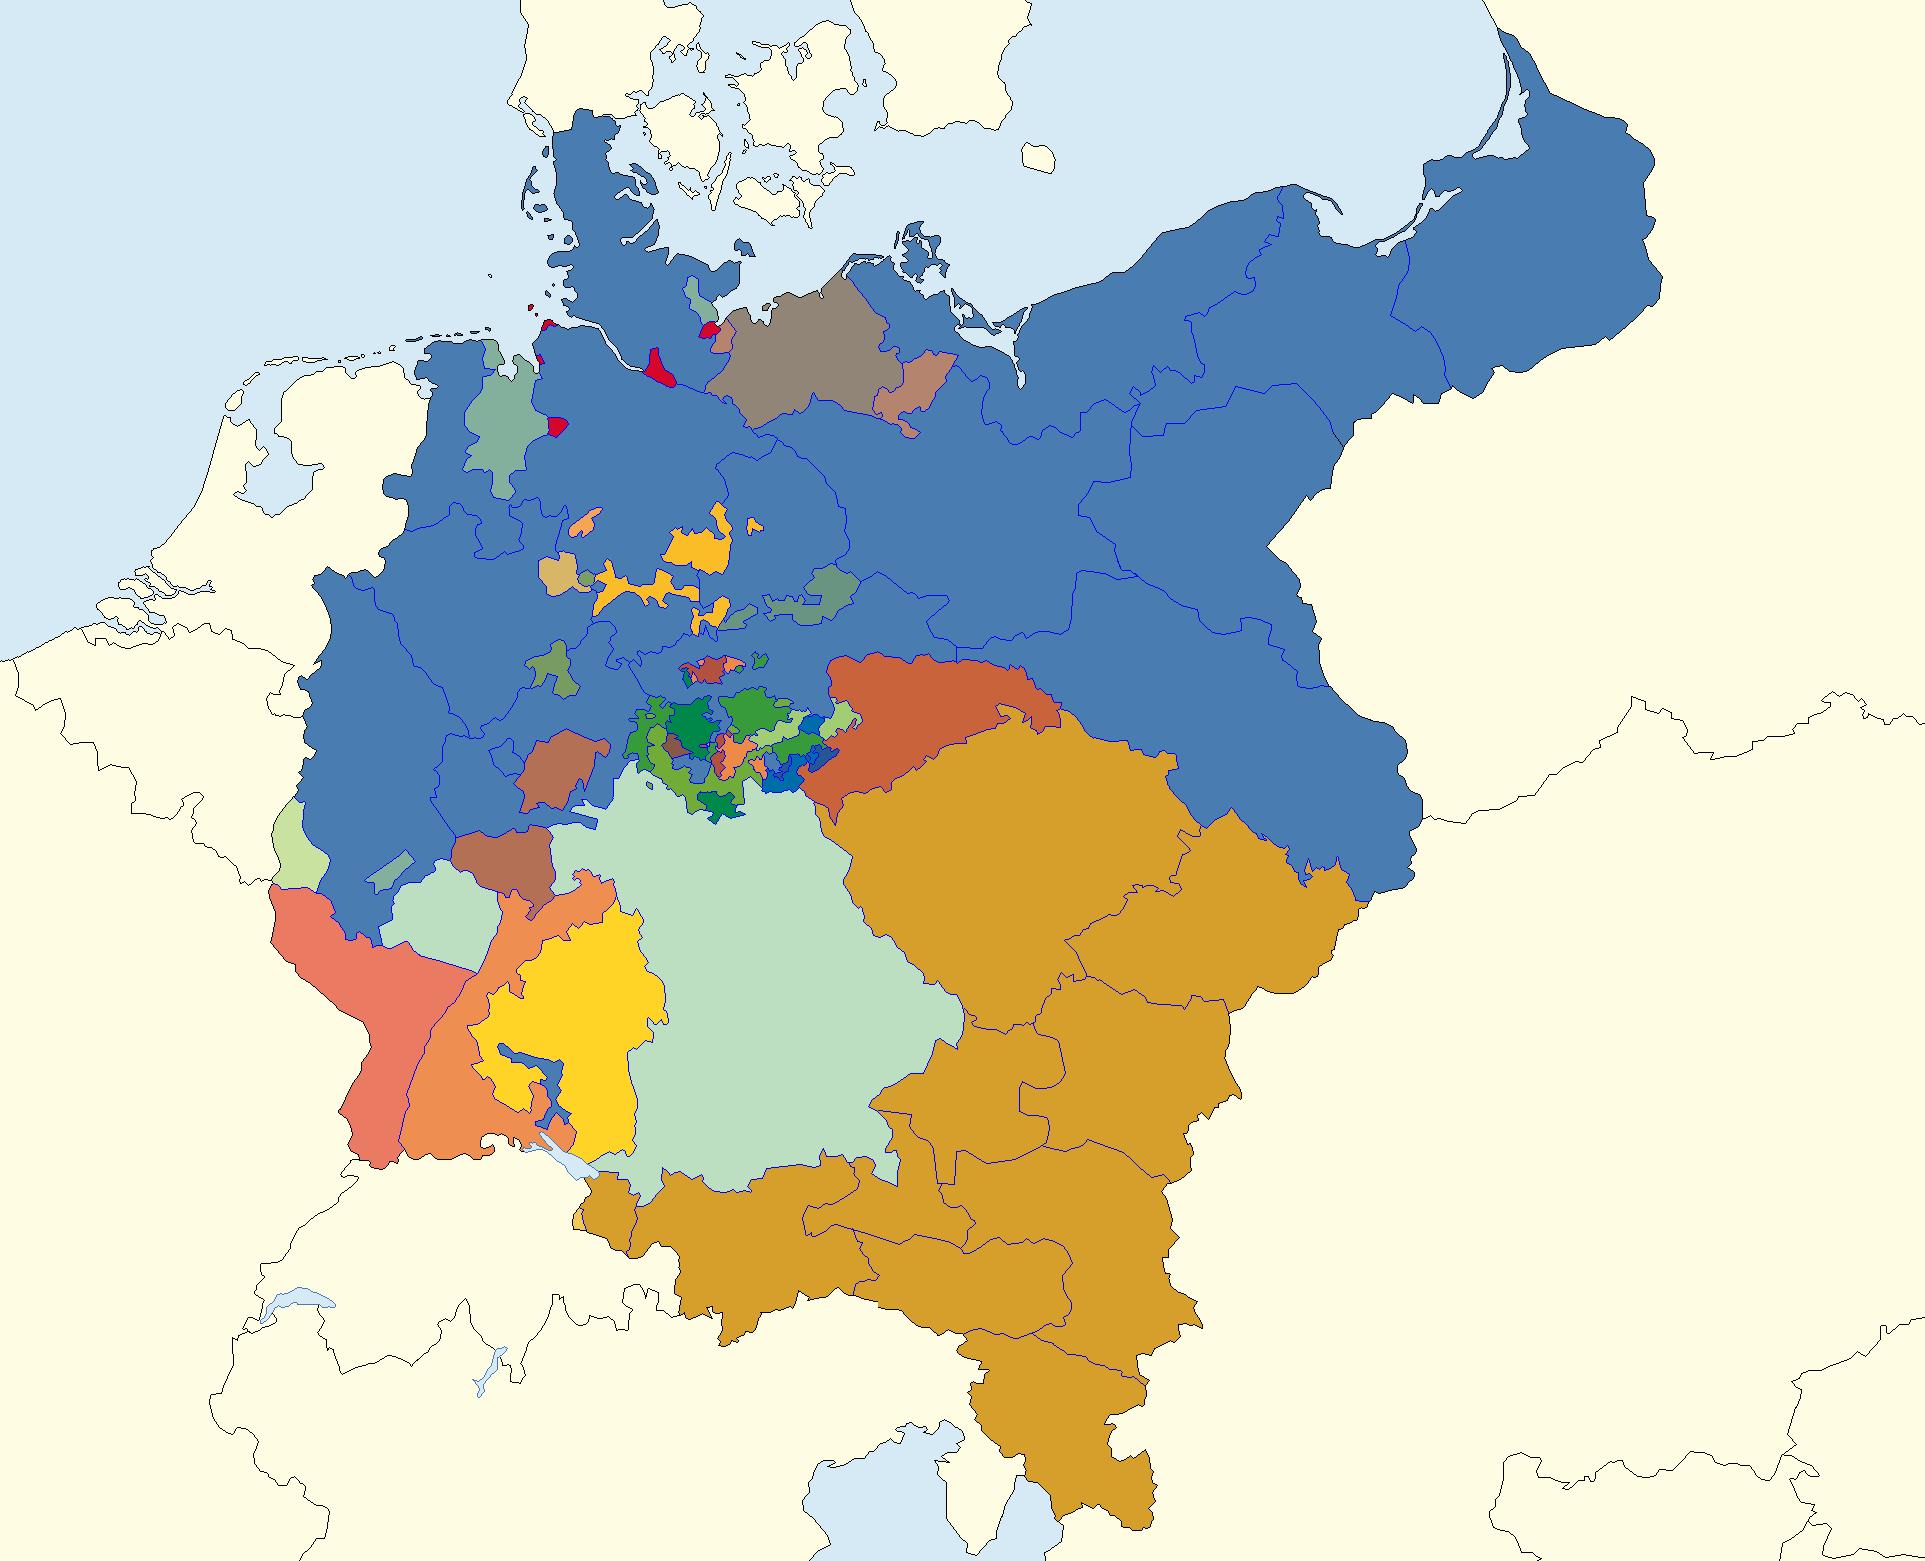 Germany 1871 By Jjohnson1701 On Deviantart